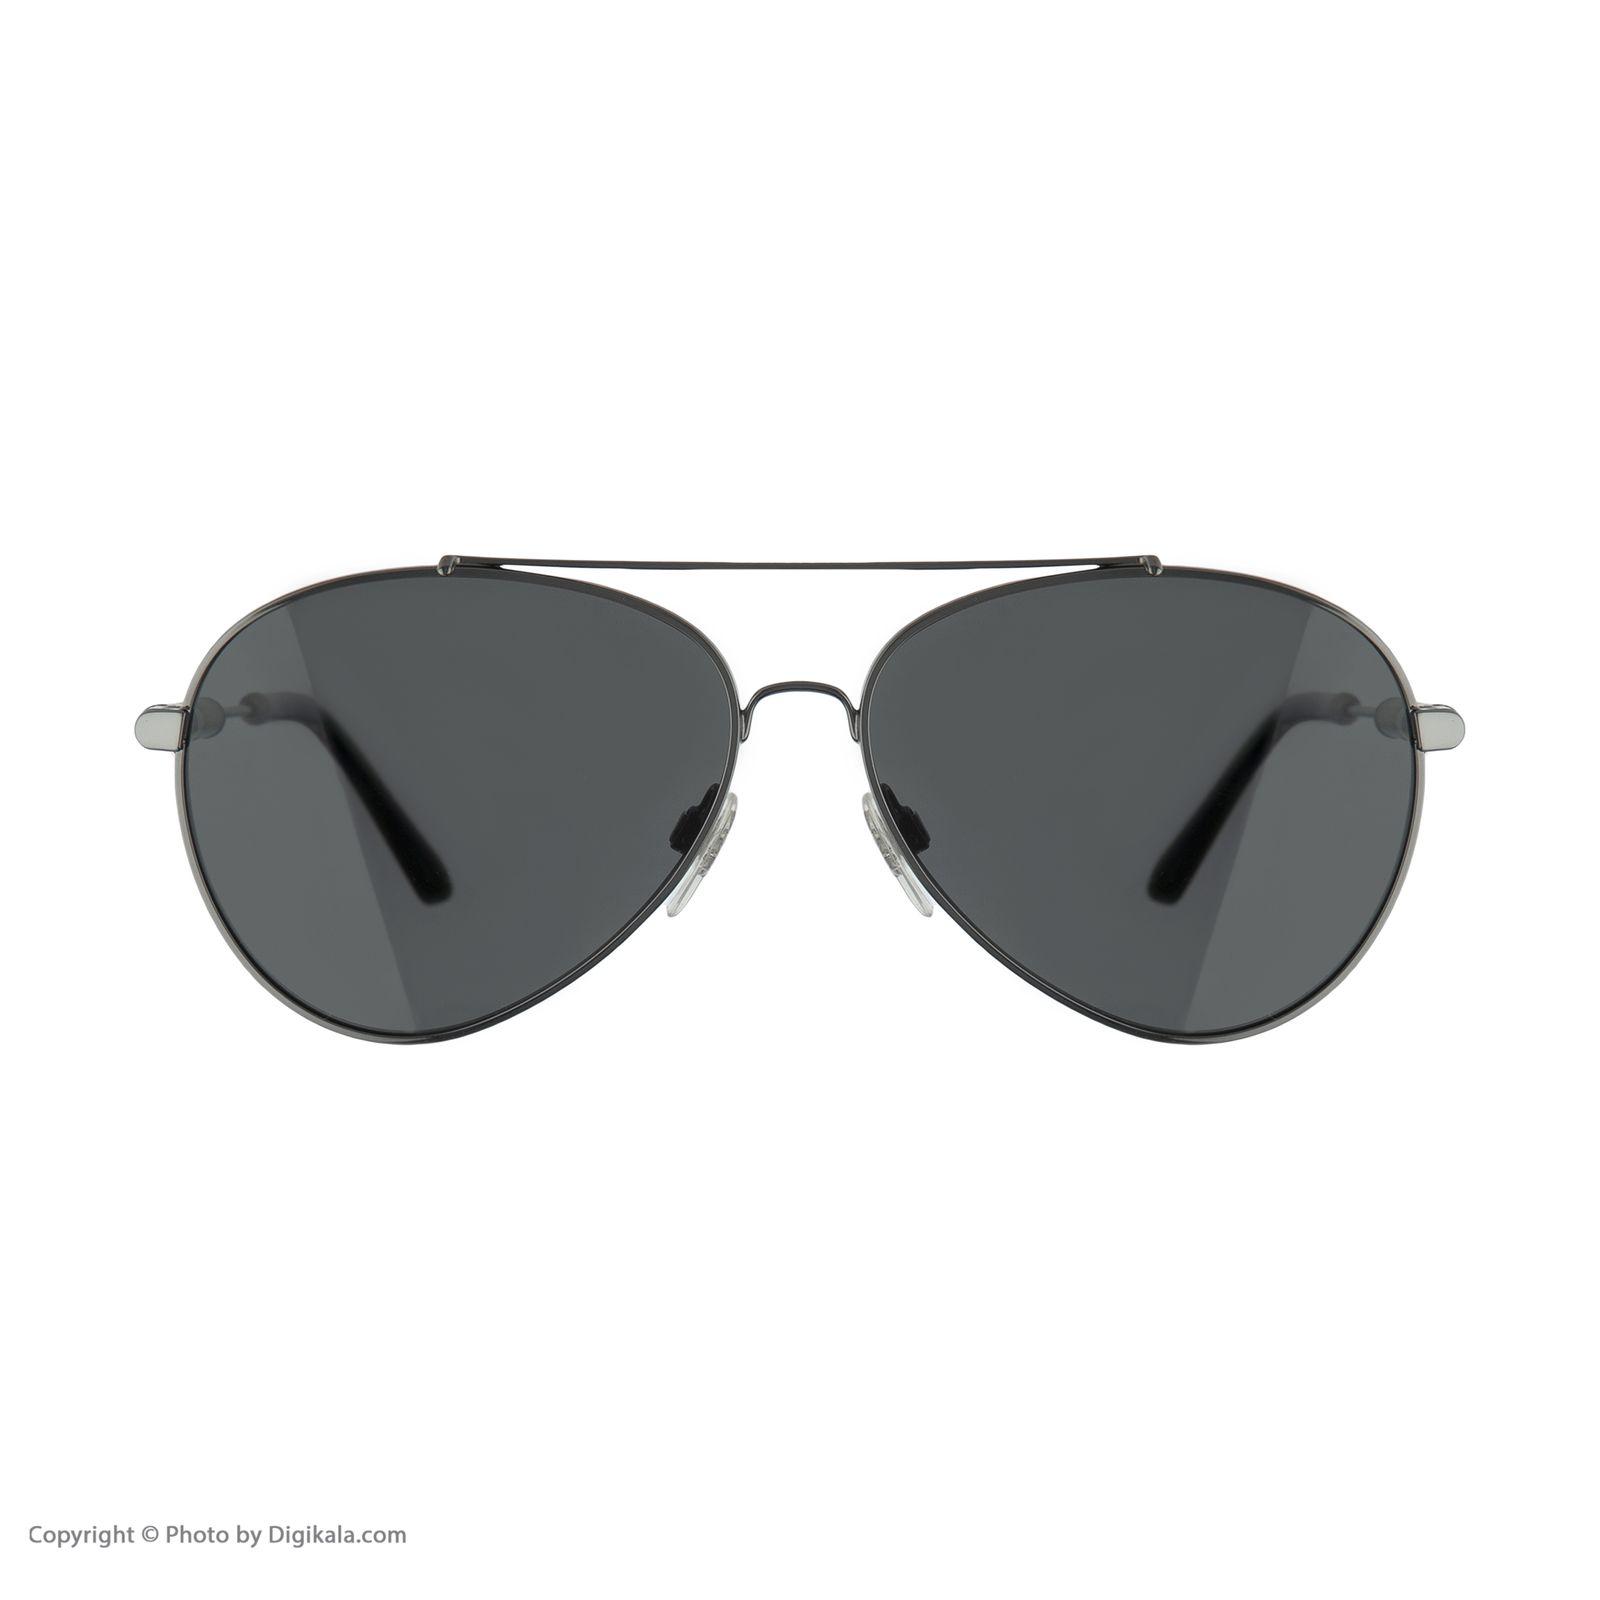 عینک آفتابی زنانه بربری مدل BE 3092Q 100387 57 -  - 3